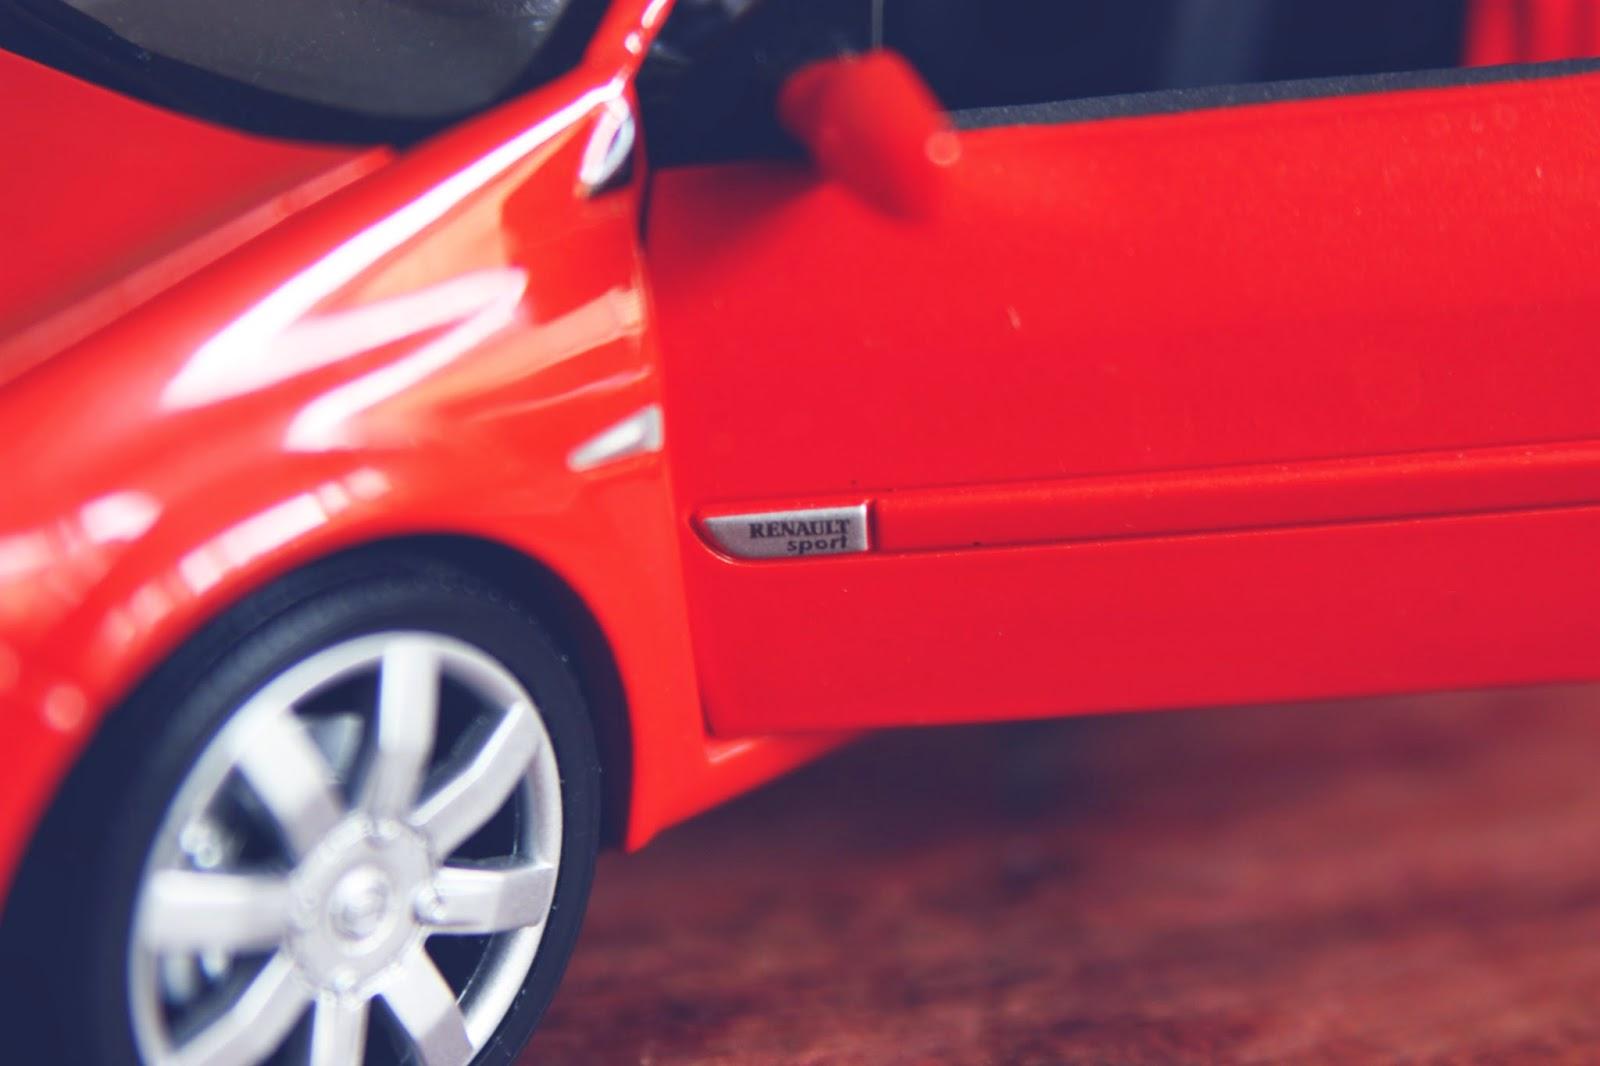 1/18 Bburago Renault Megane RS